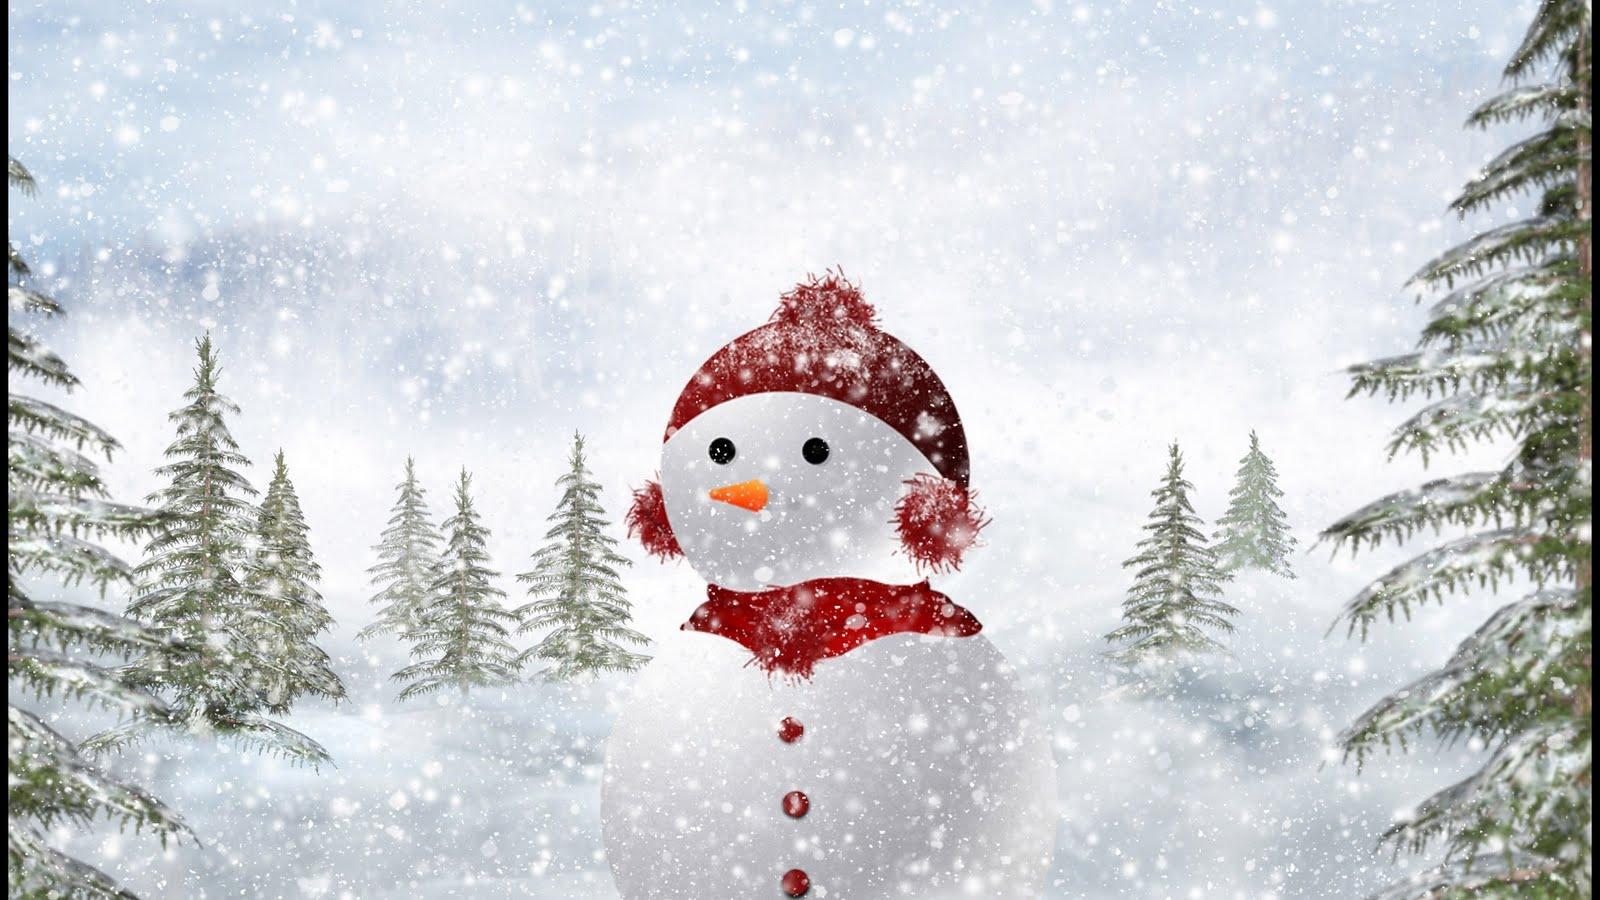 Weihnachten bilder - Schneebilder kostenlos ...